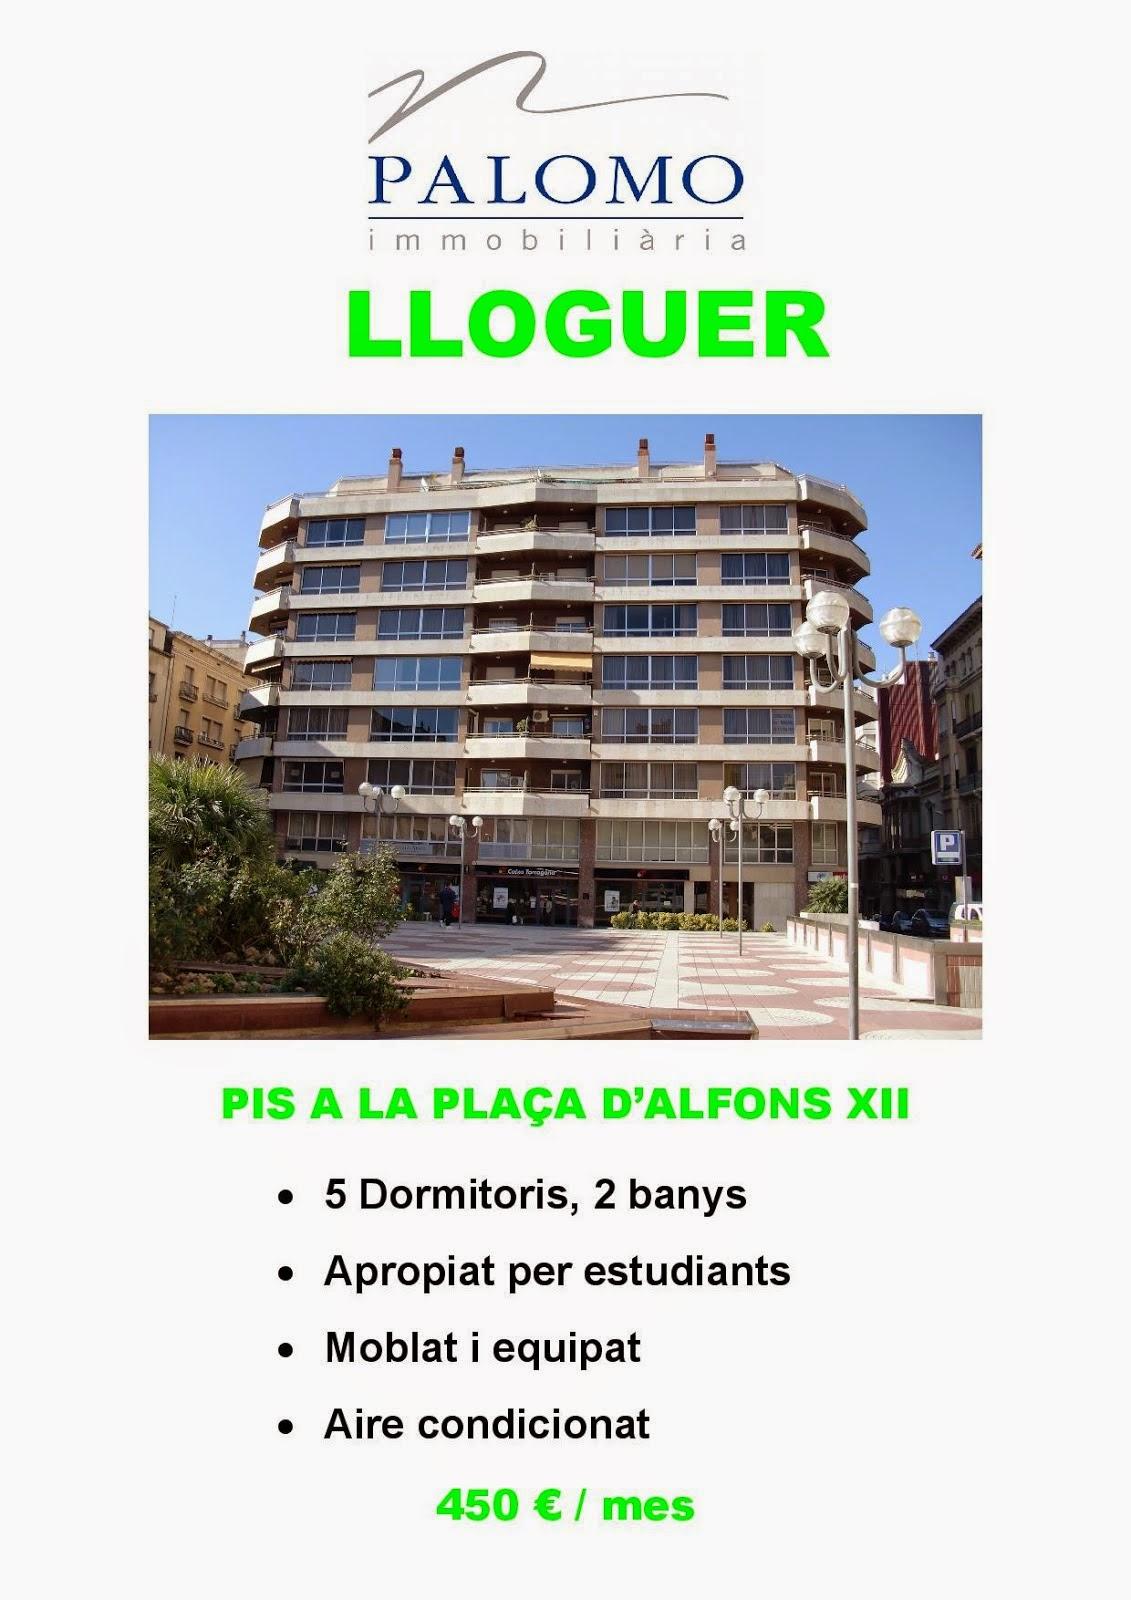 PIS A LA PLAÇA D'ALFONS XII